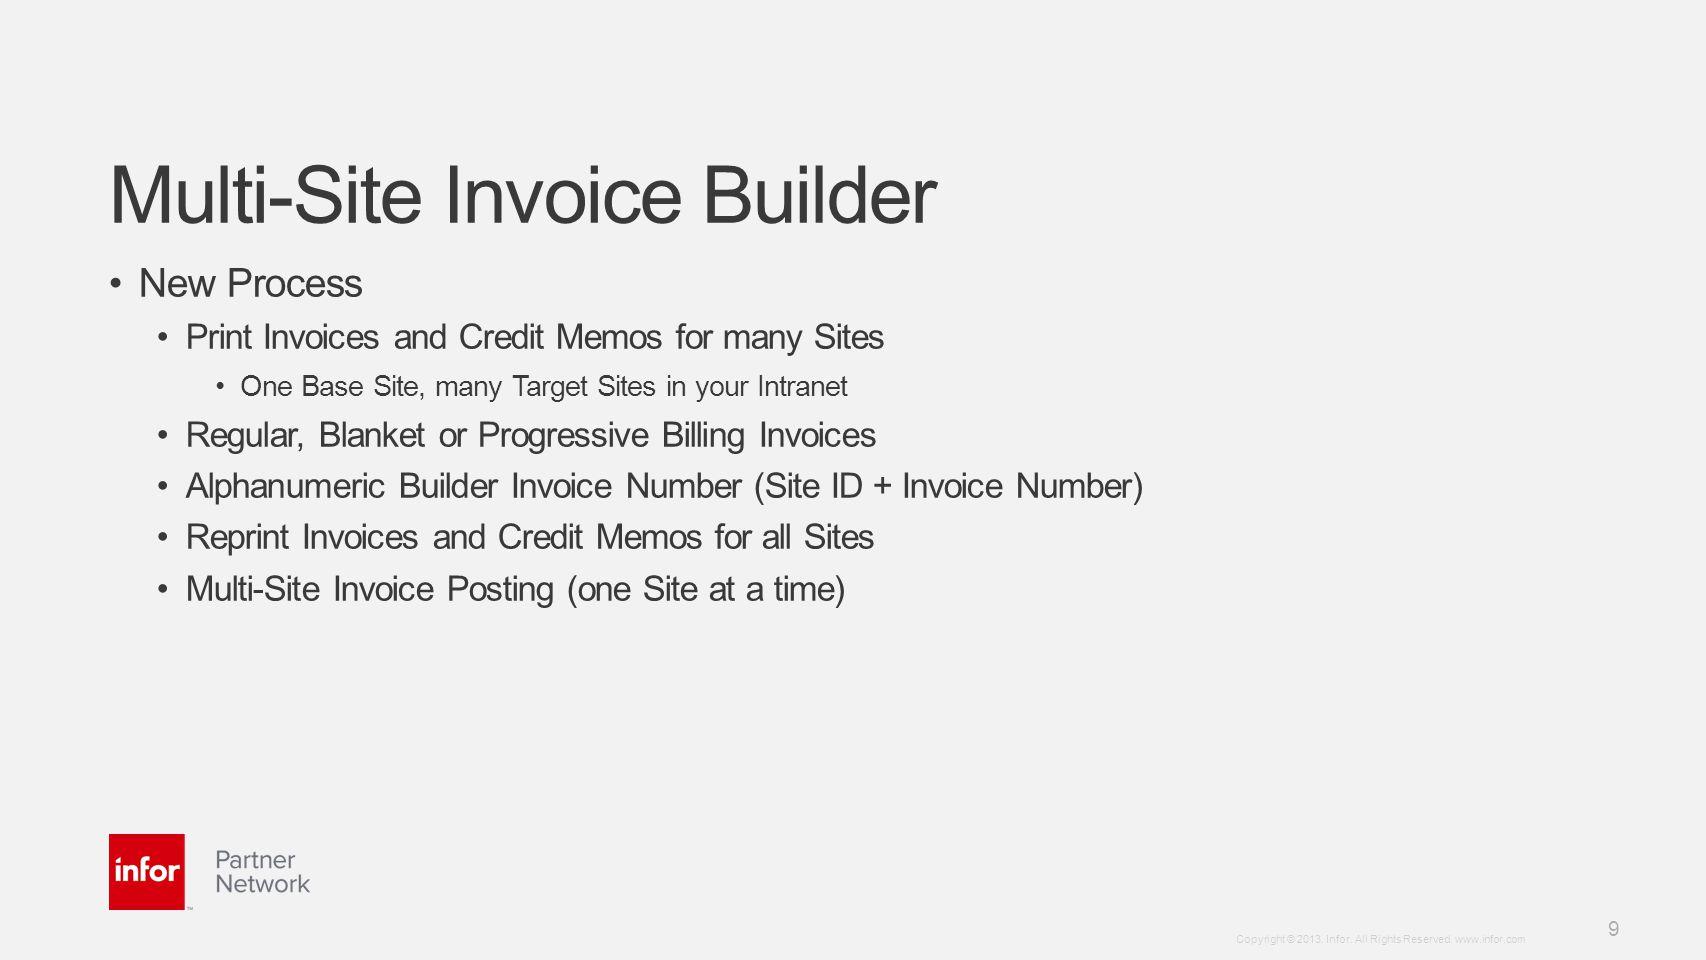 Multi-Site Invoice Builder